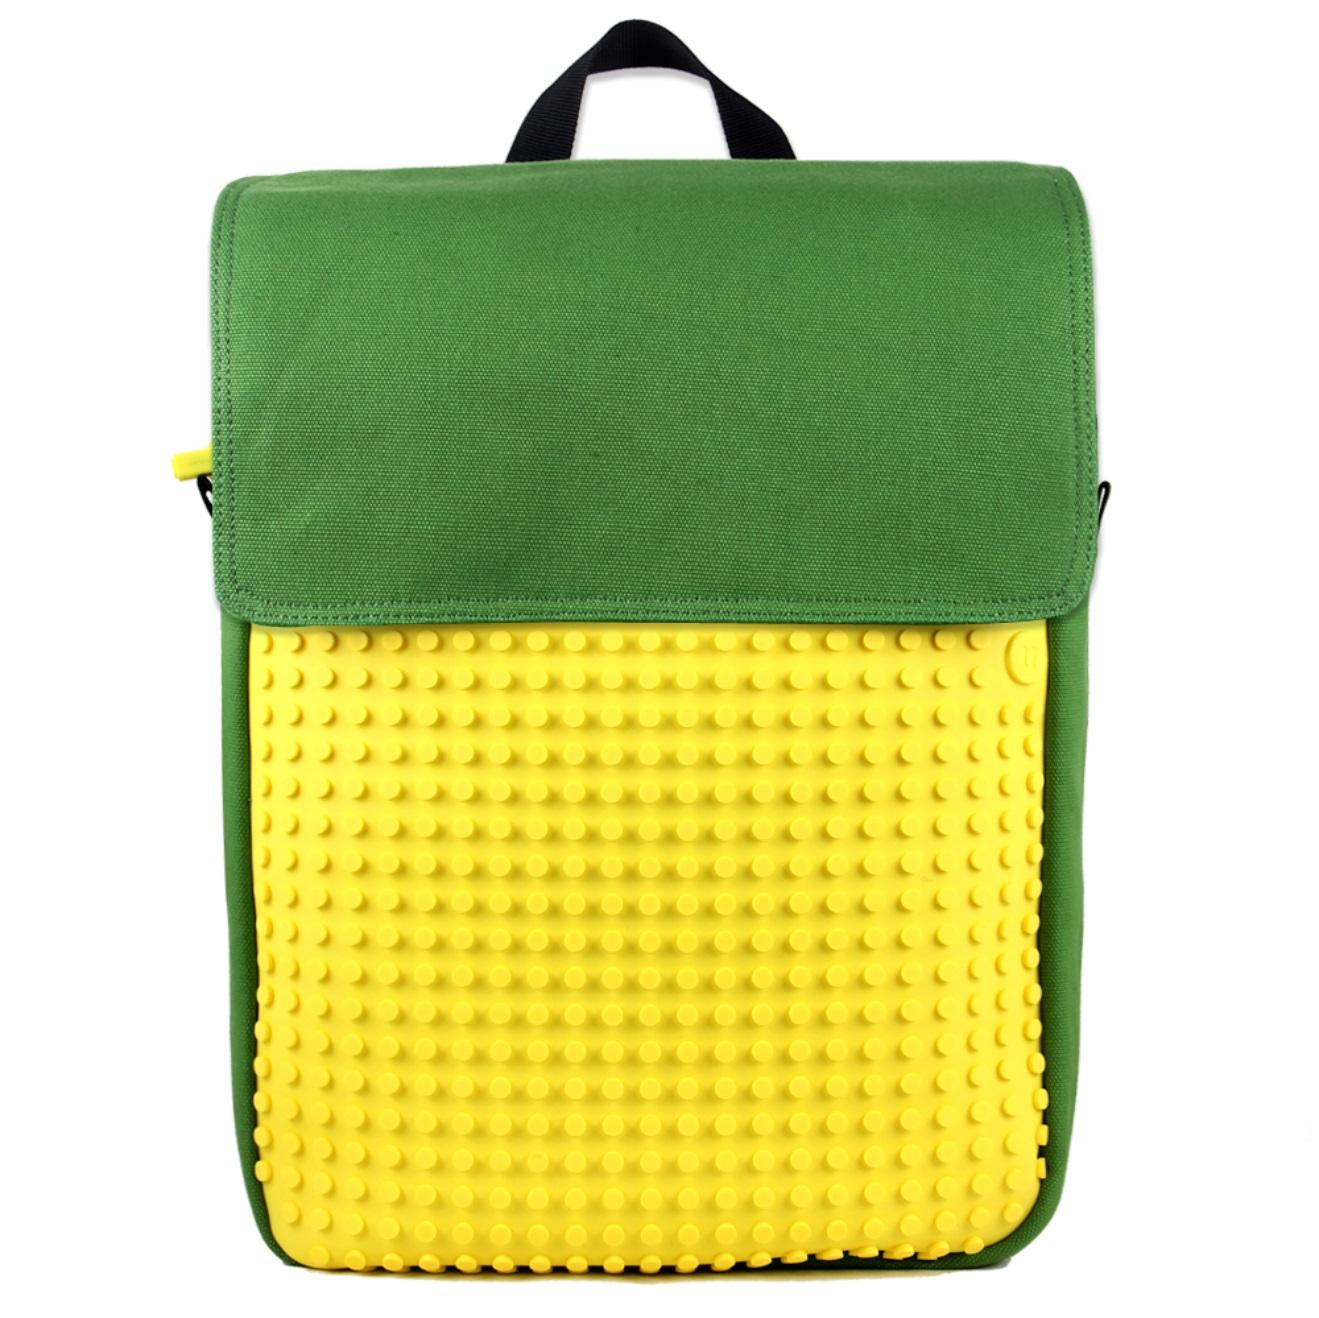 Пиксельный рюкзак (Canvas Top Lid pixel Backpack) WY-A005 (Зеленый/желтый)Представляем вашему вниманию пиксельный рюкзак (Canvas Top Lid pixel Backpack) WY-A005, имеющий силиконовую панель, на которой с помощью «пикселей» в виде мозаики выкладывается абсолютно любой рисунок.<br>